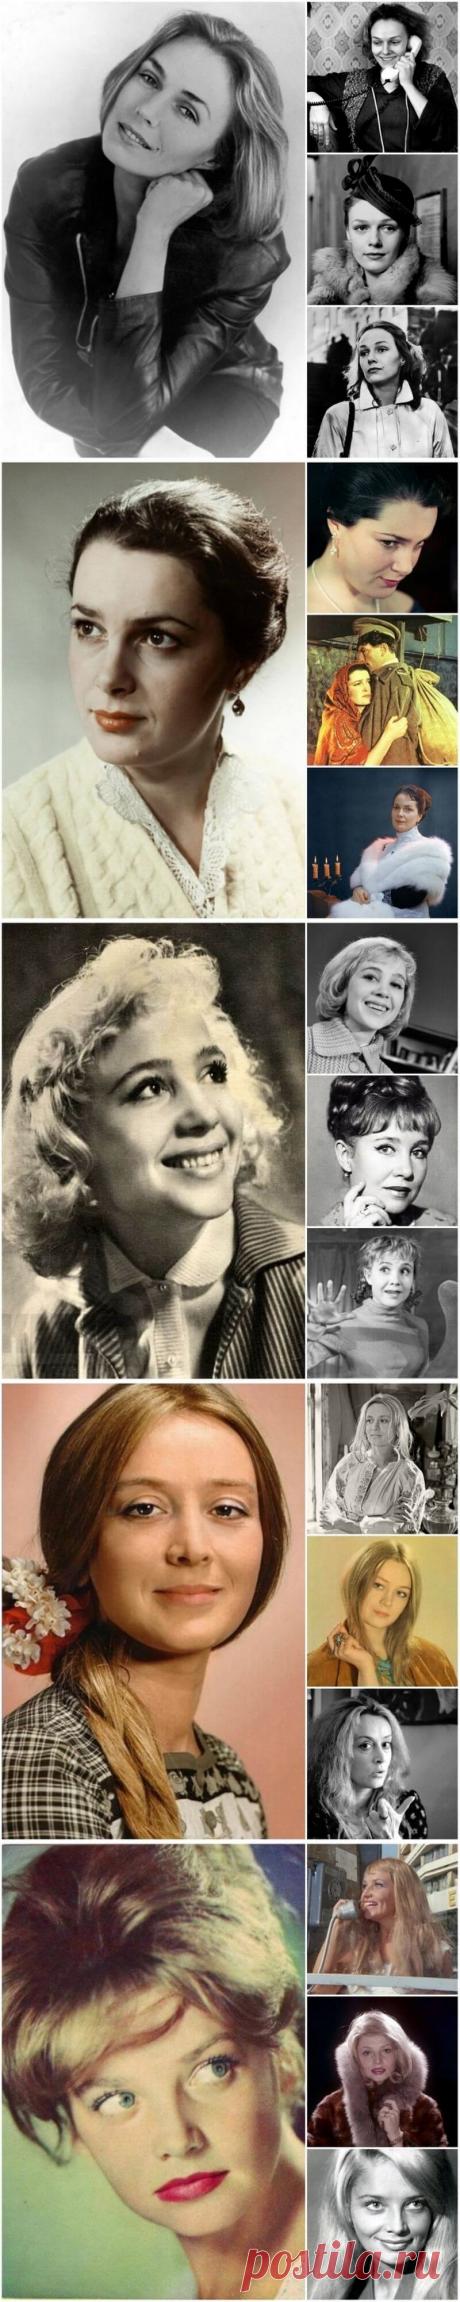 25+ самых красивых актрис СССР, ради которых стоит пересмотреть советские фильмы   В темпі життя